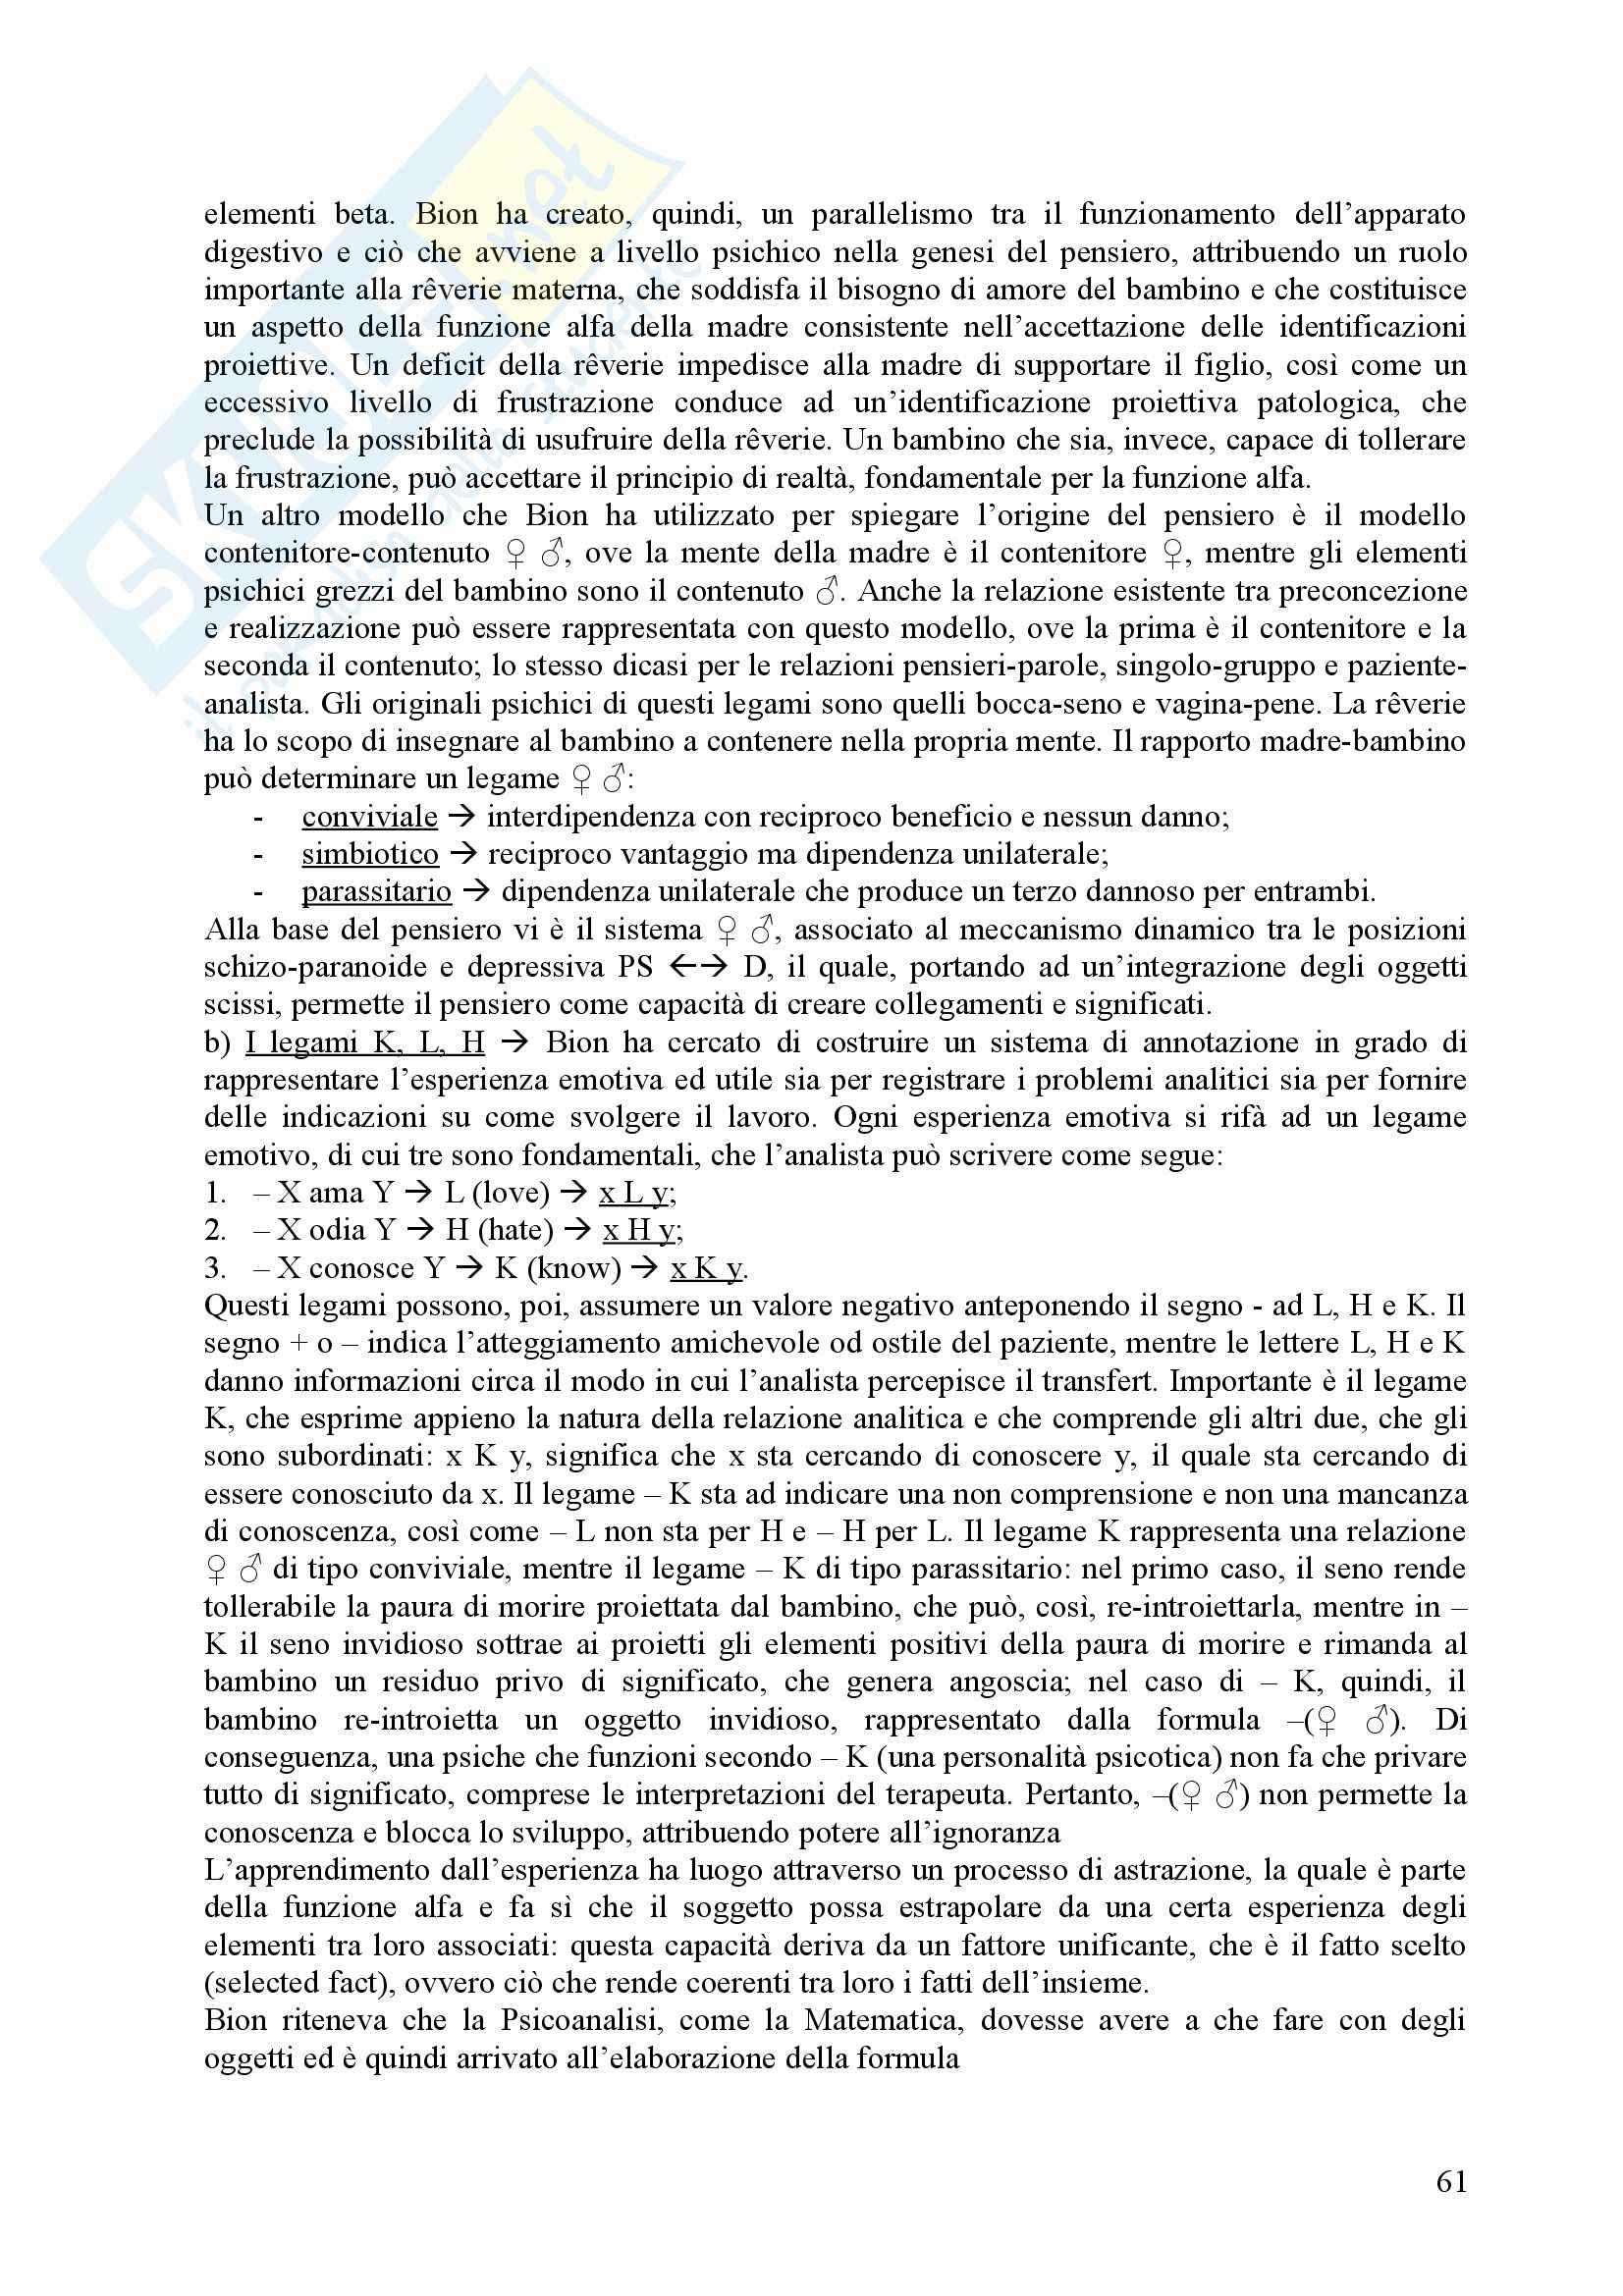 Riassunto esame Psicologia Dinamica, prof. Nespoli, libro consigliato Modelli Evolutivi in Psicologia Dinamica I, Quaglia, Longobardi Pag. 61